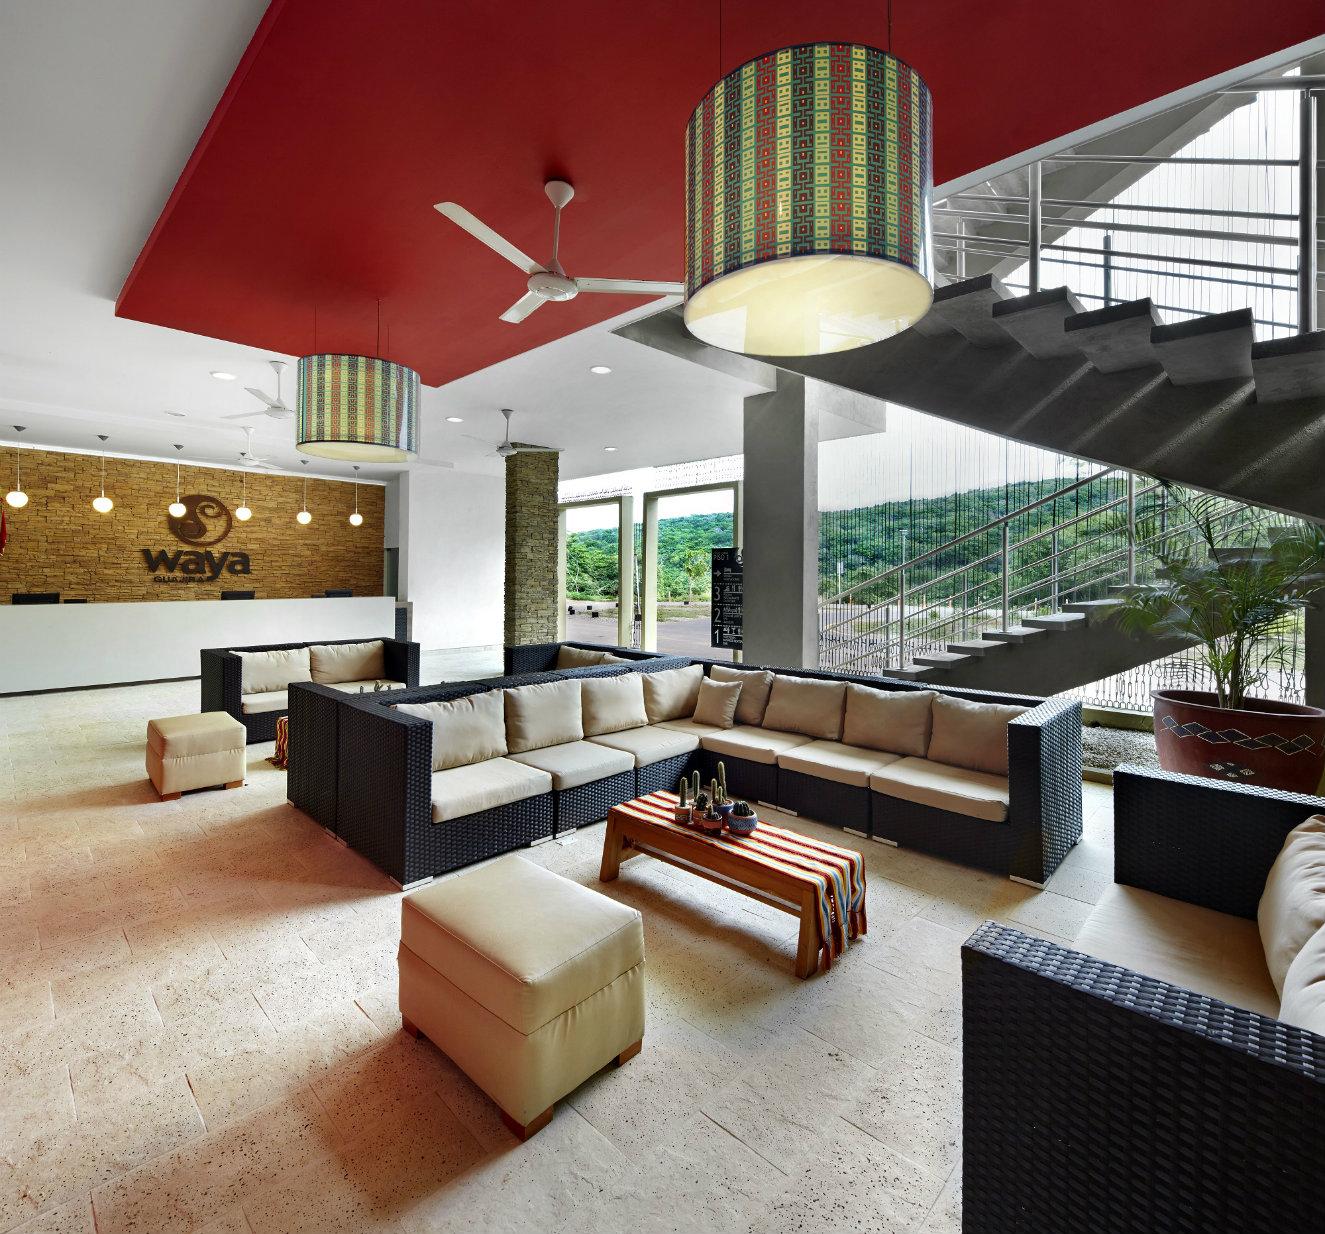 Lobby del Waya Guajira. Fotografía: cortesía, OxoHotel.